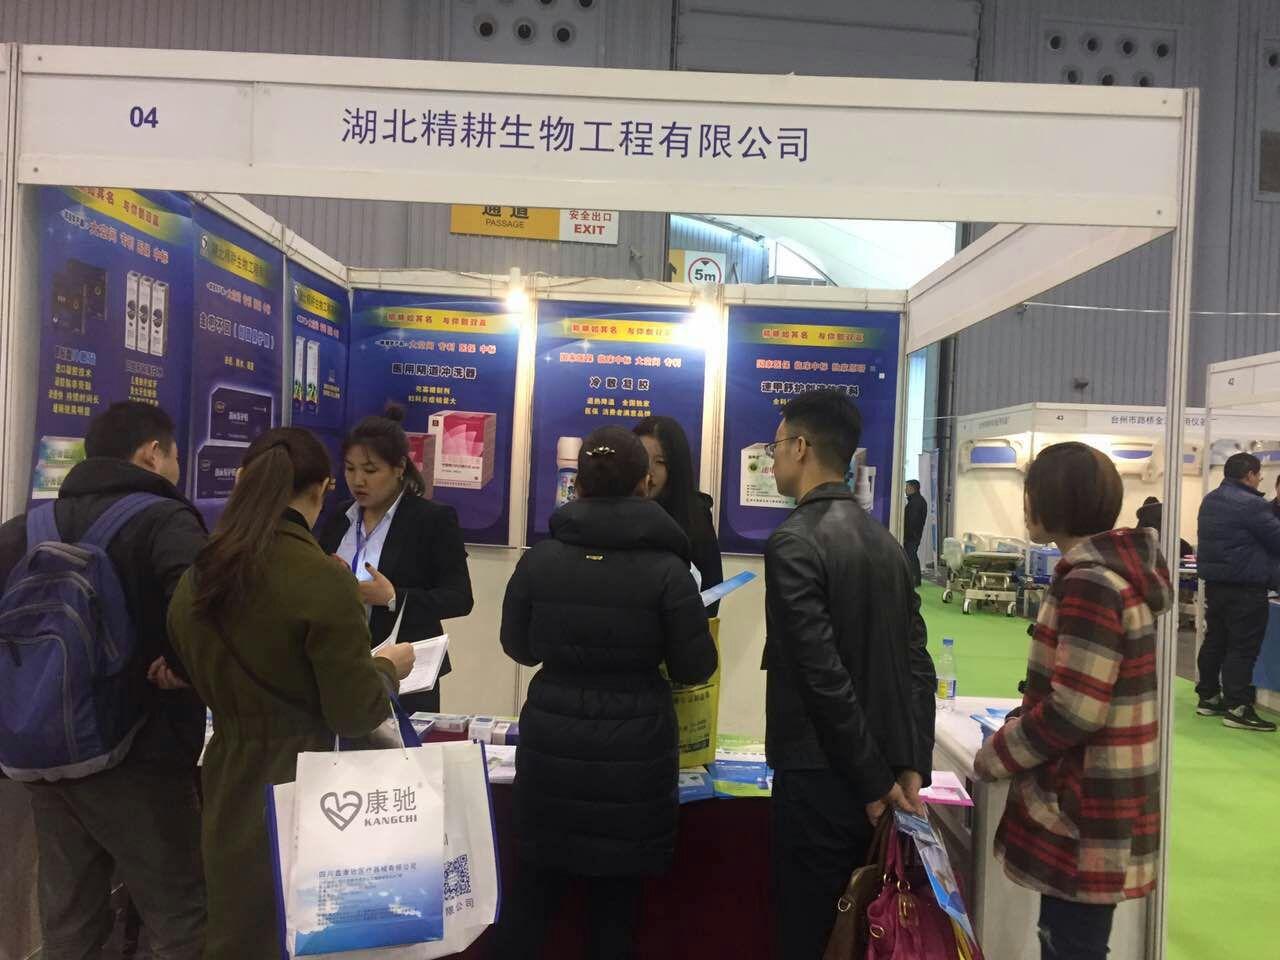 2017成都、杭州双城联动,合理开发医械市场